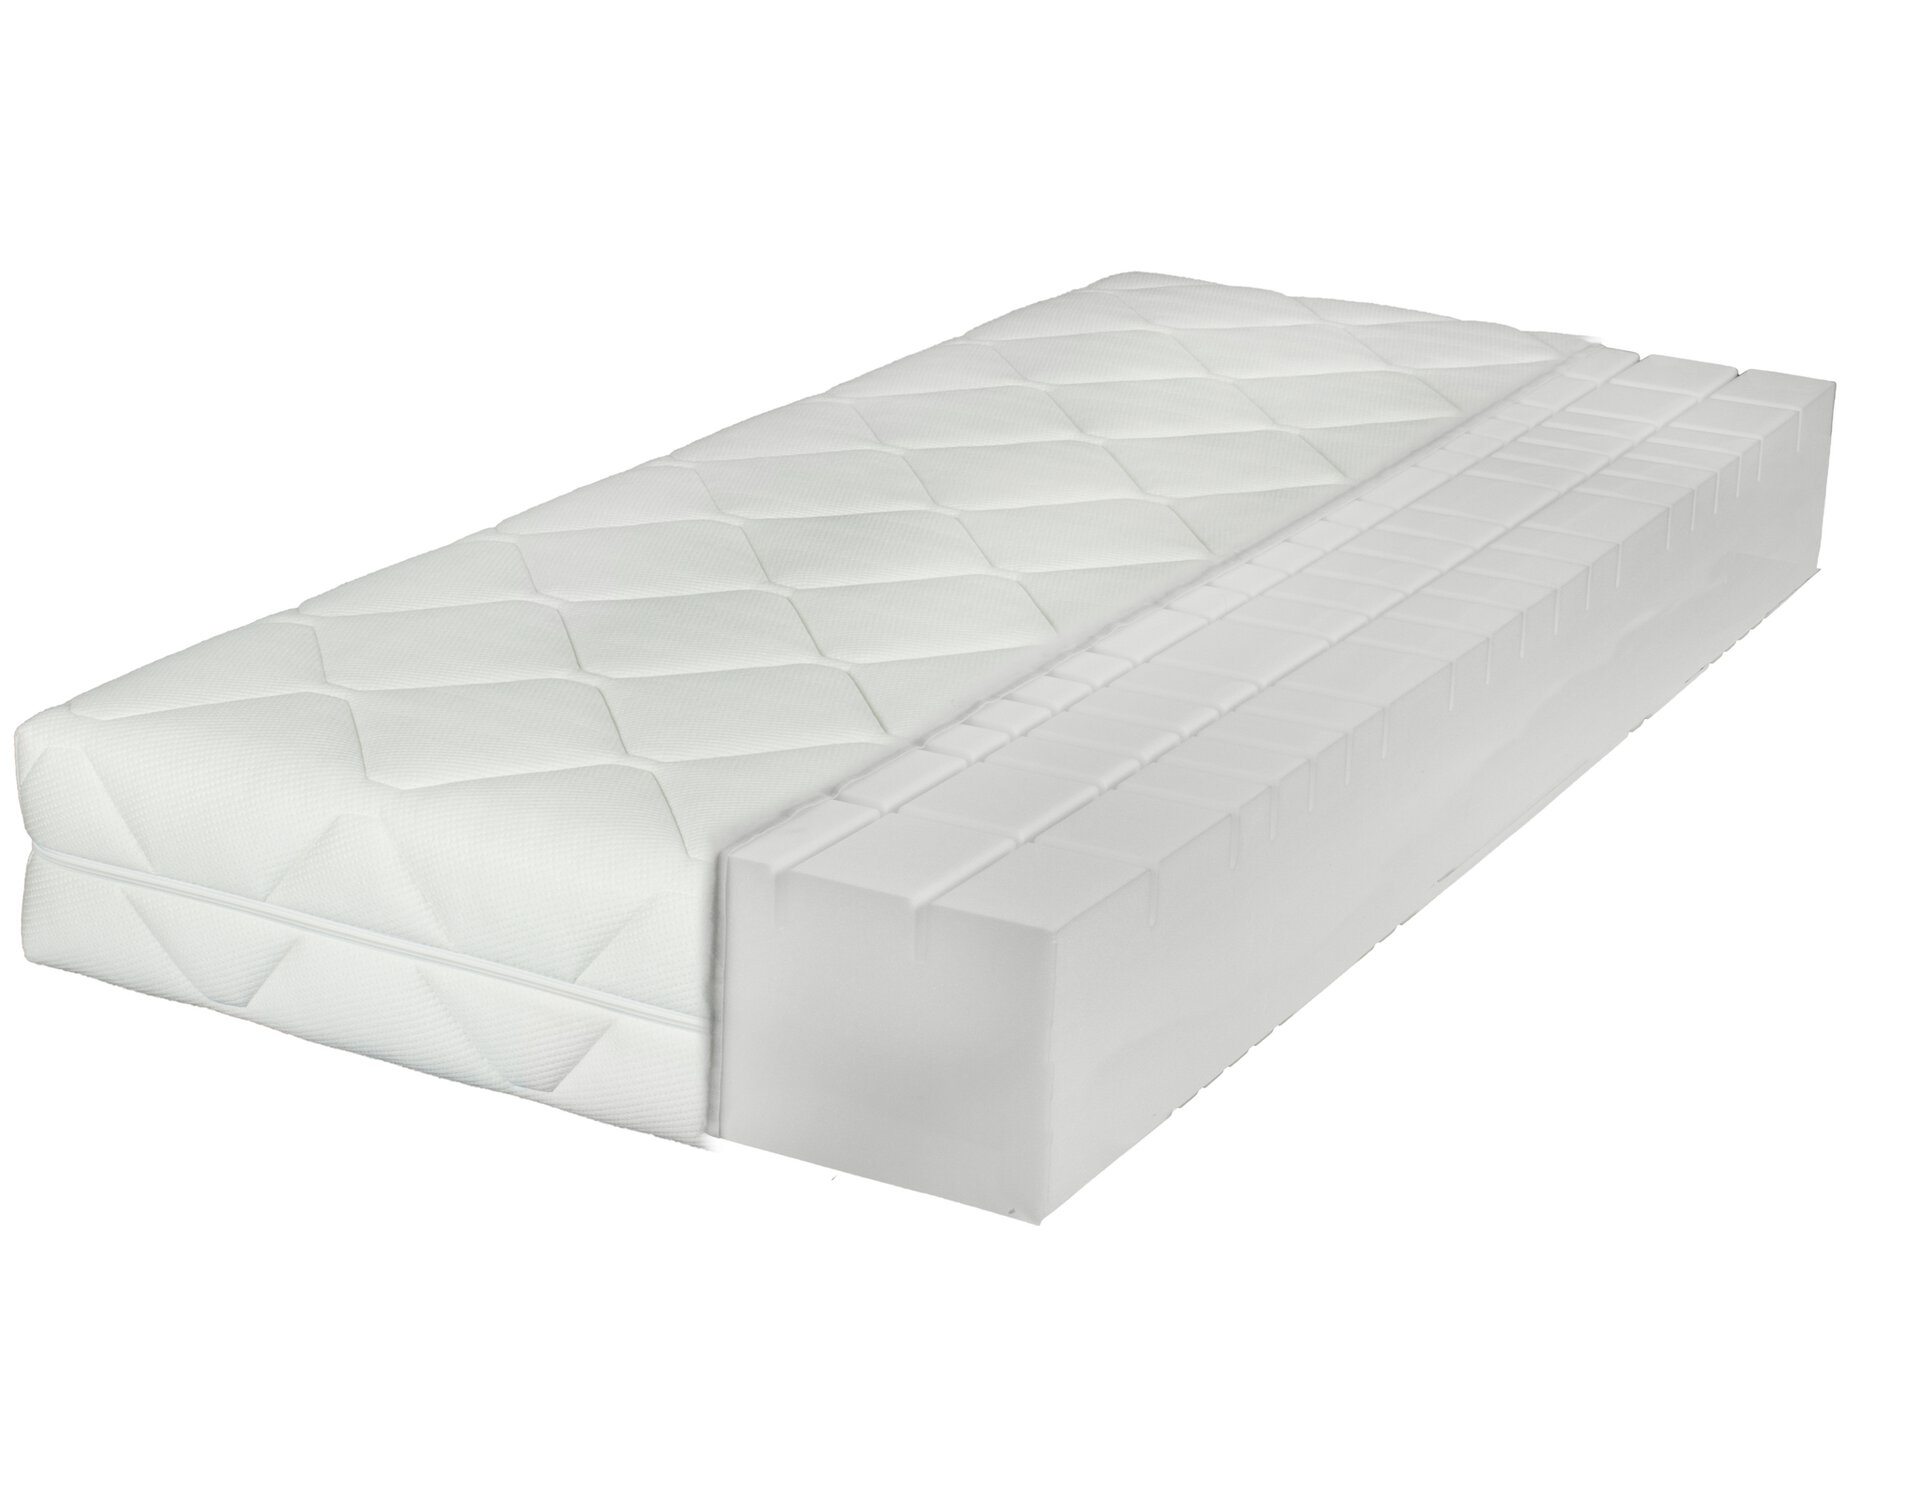 Komfortschaummatratze MATINO LIV'IN LIV'IN Textil 200 x 26 x 90 cm